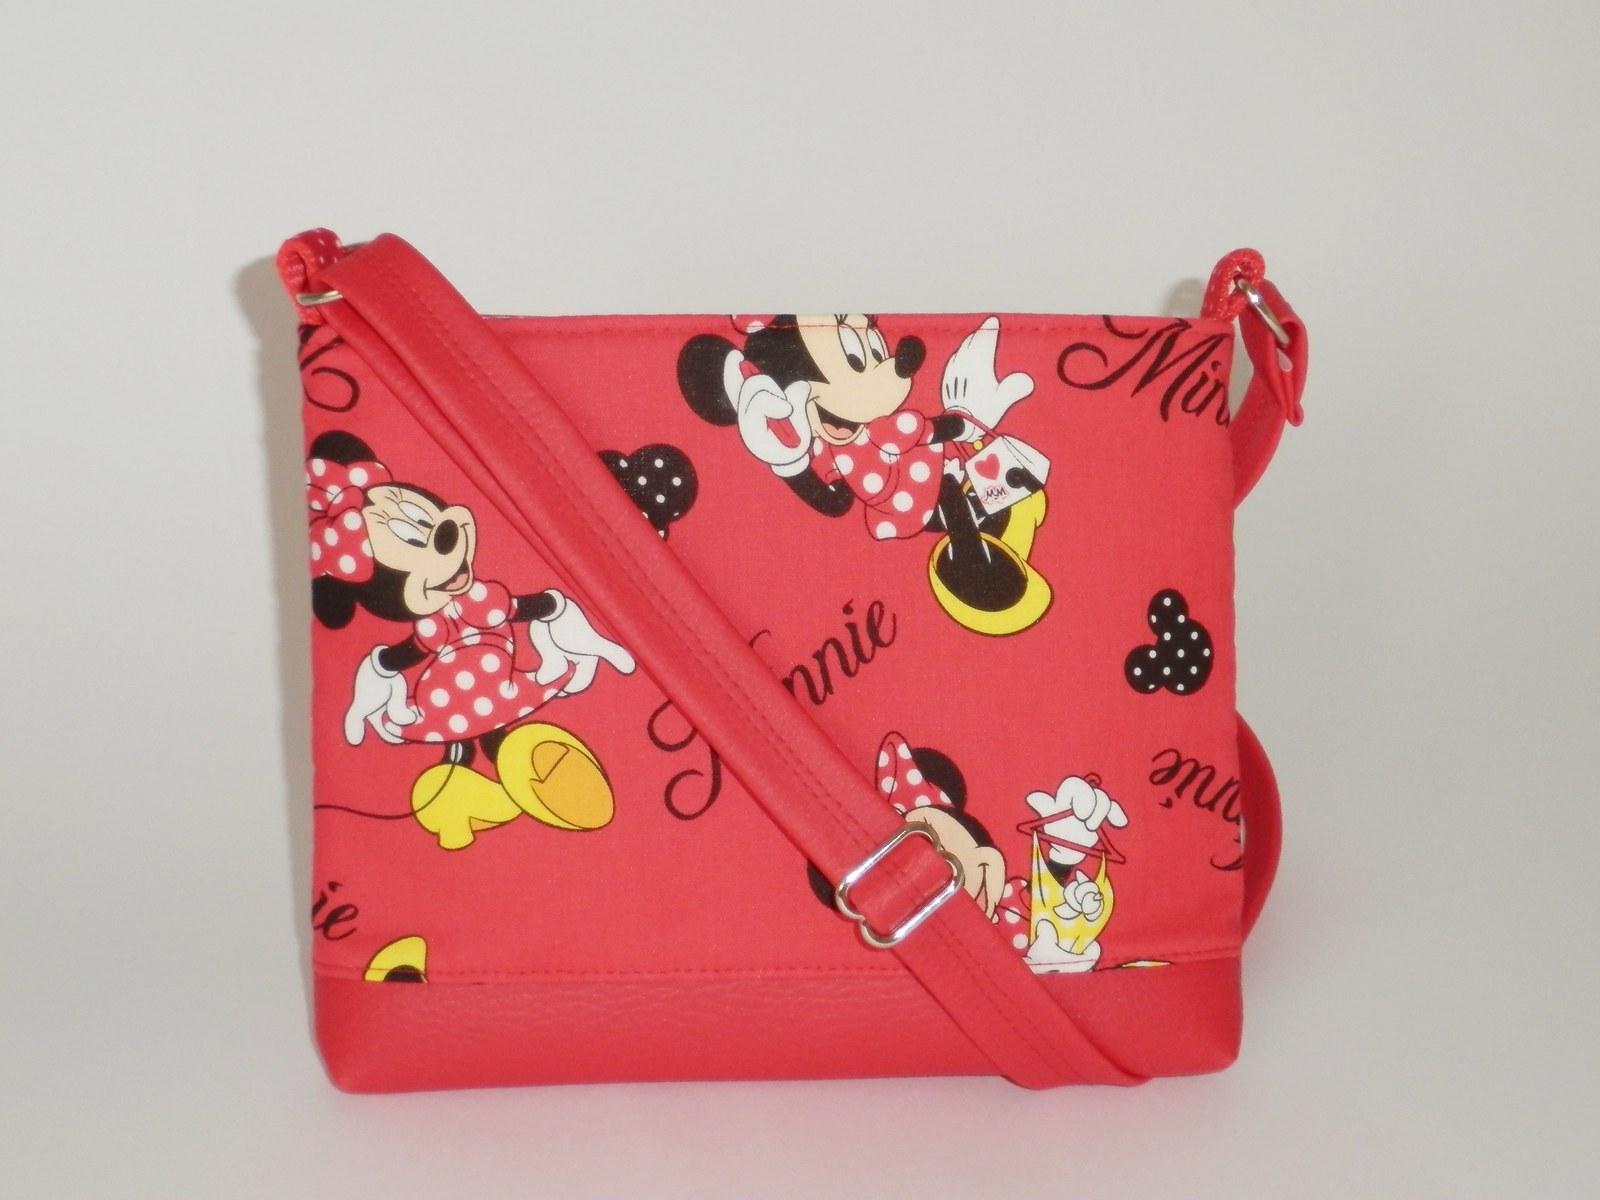 dětská kabelka Minnie červená   Zboží prodejce Norika Style  296dbedd023